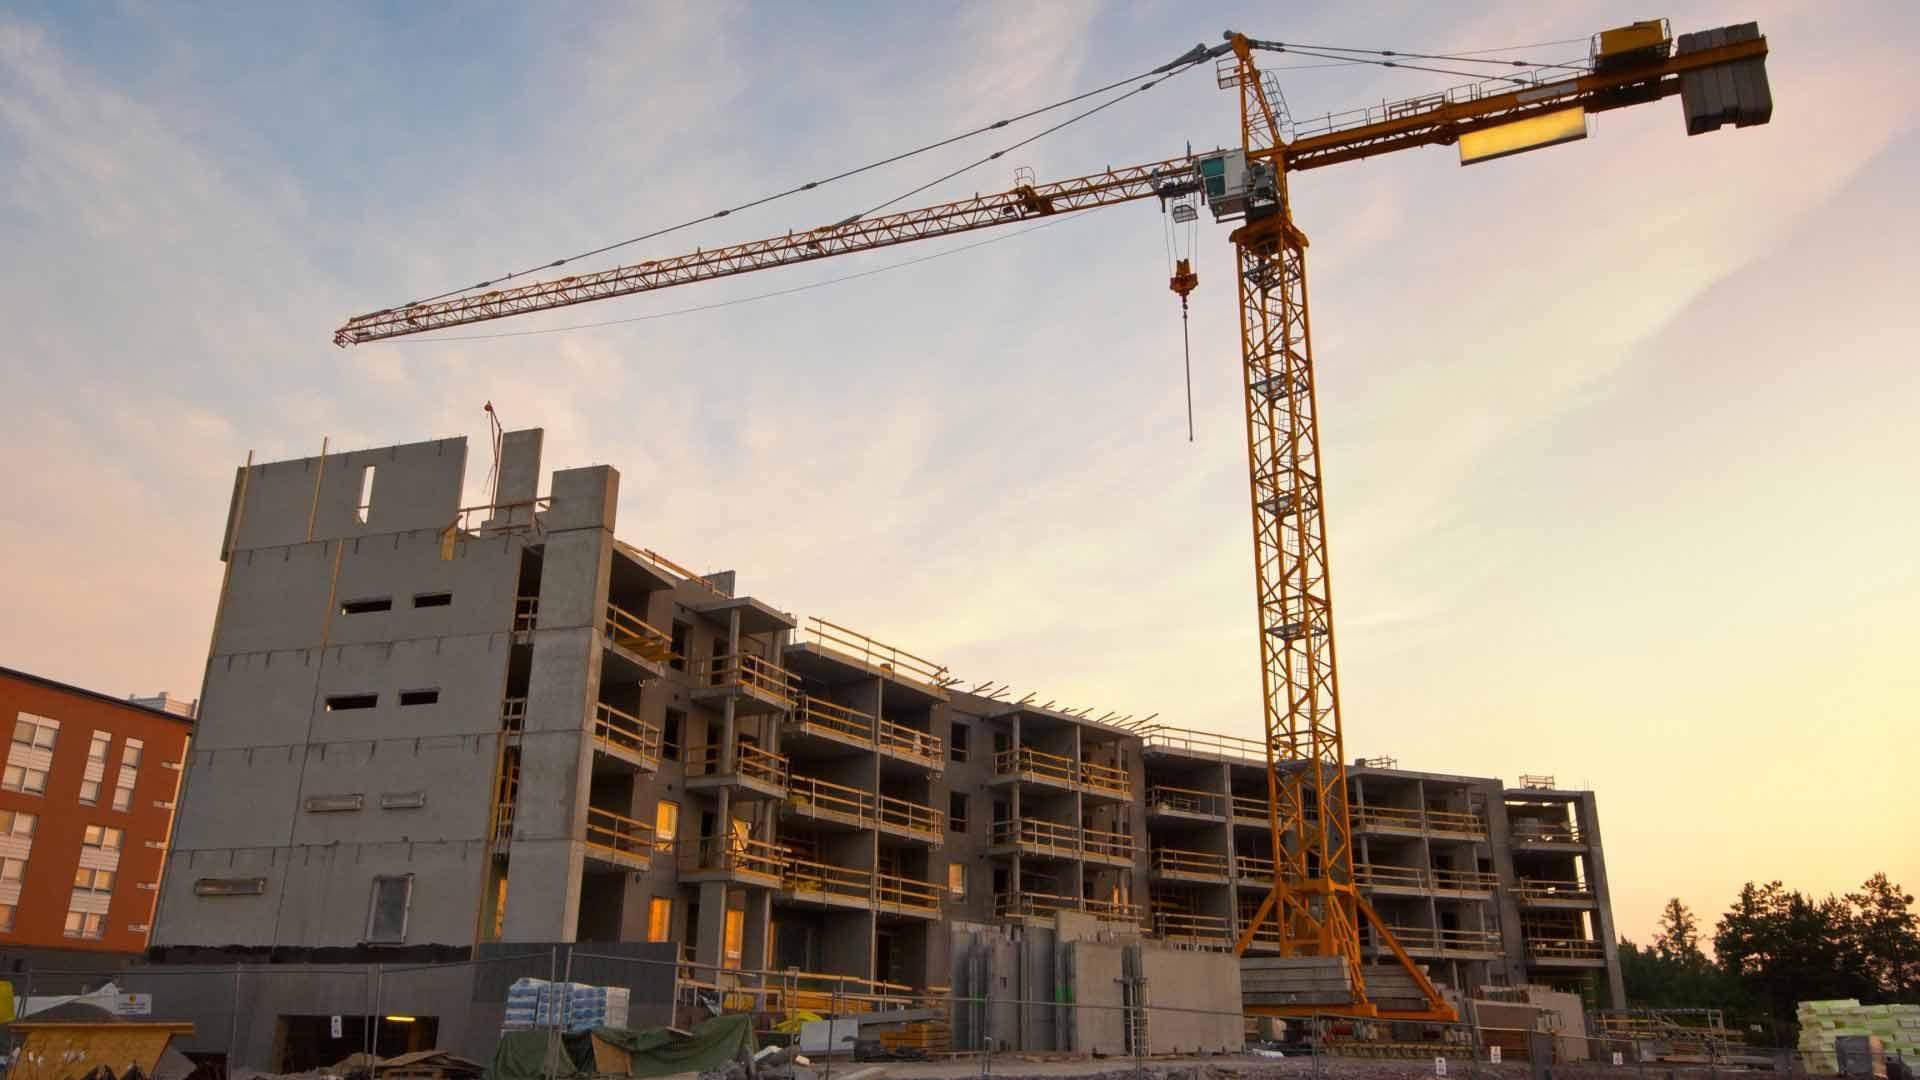 Commercial-construction Crane